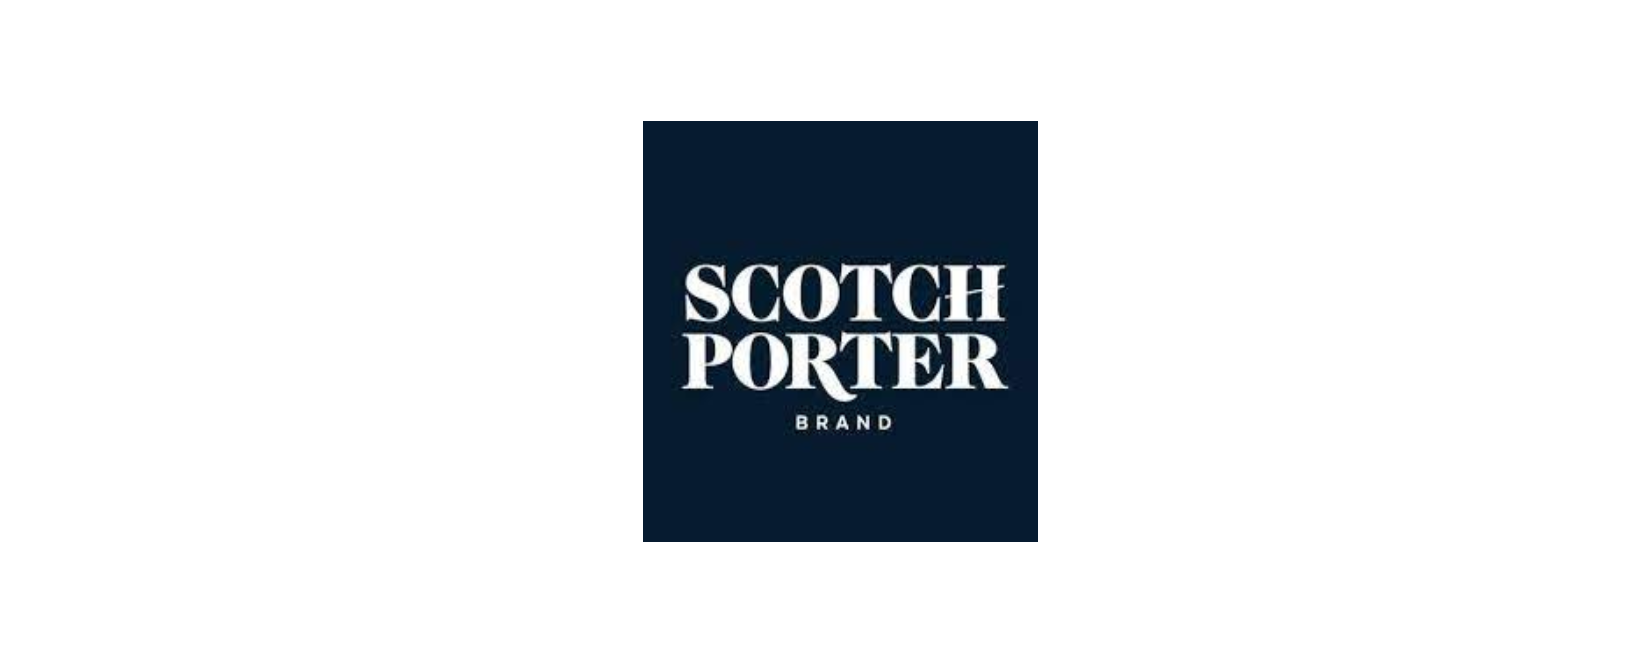 Scotch Porter Discount Code 2021